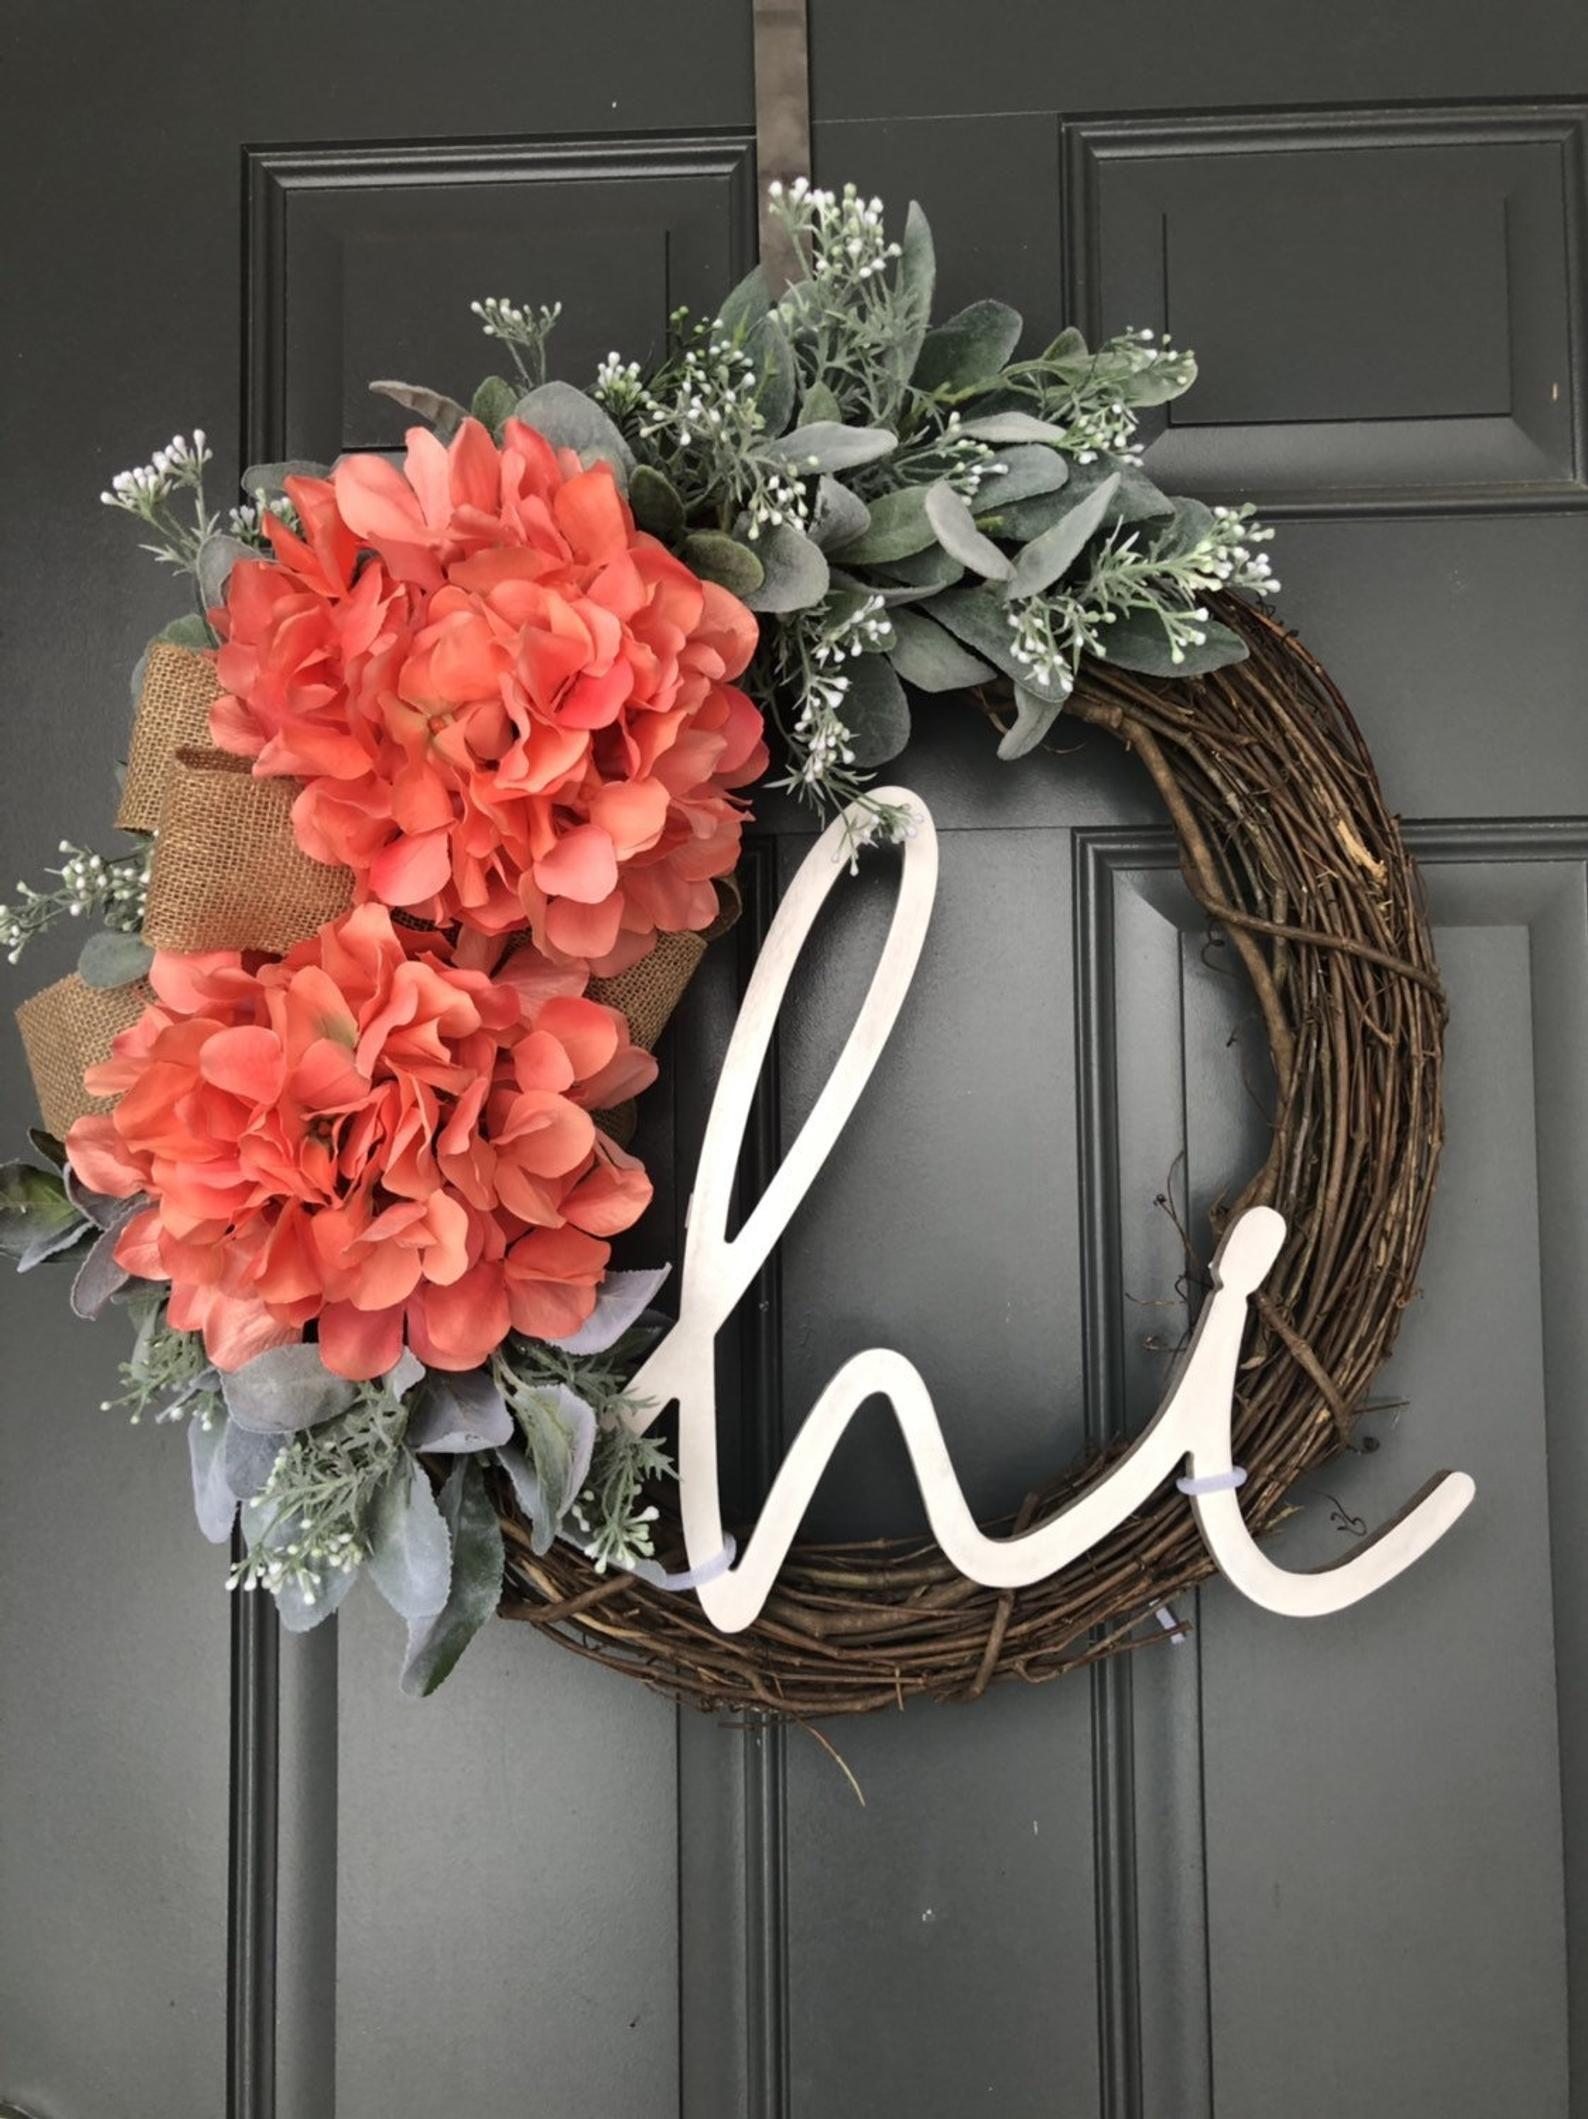 Summer Wreaths for Front Door, Spring Wreath, Wreath for Front Door, Spring Wreaths for Front Door, Summer door wreath, Front door wreaths